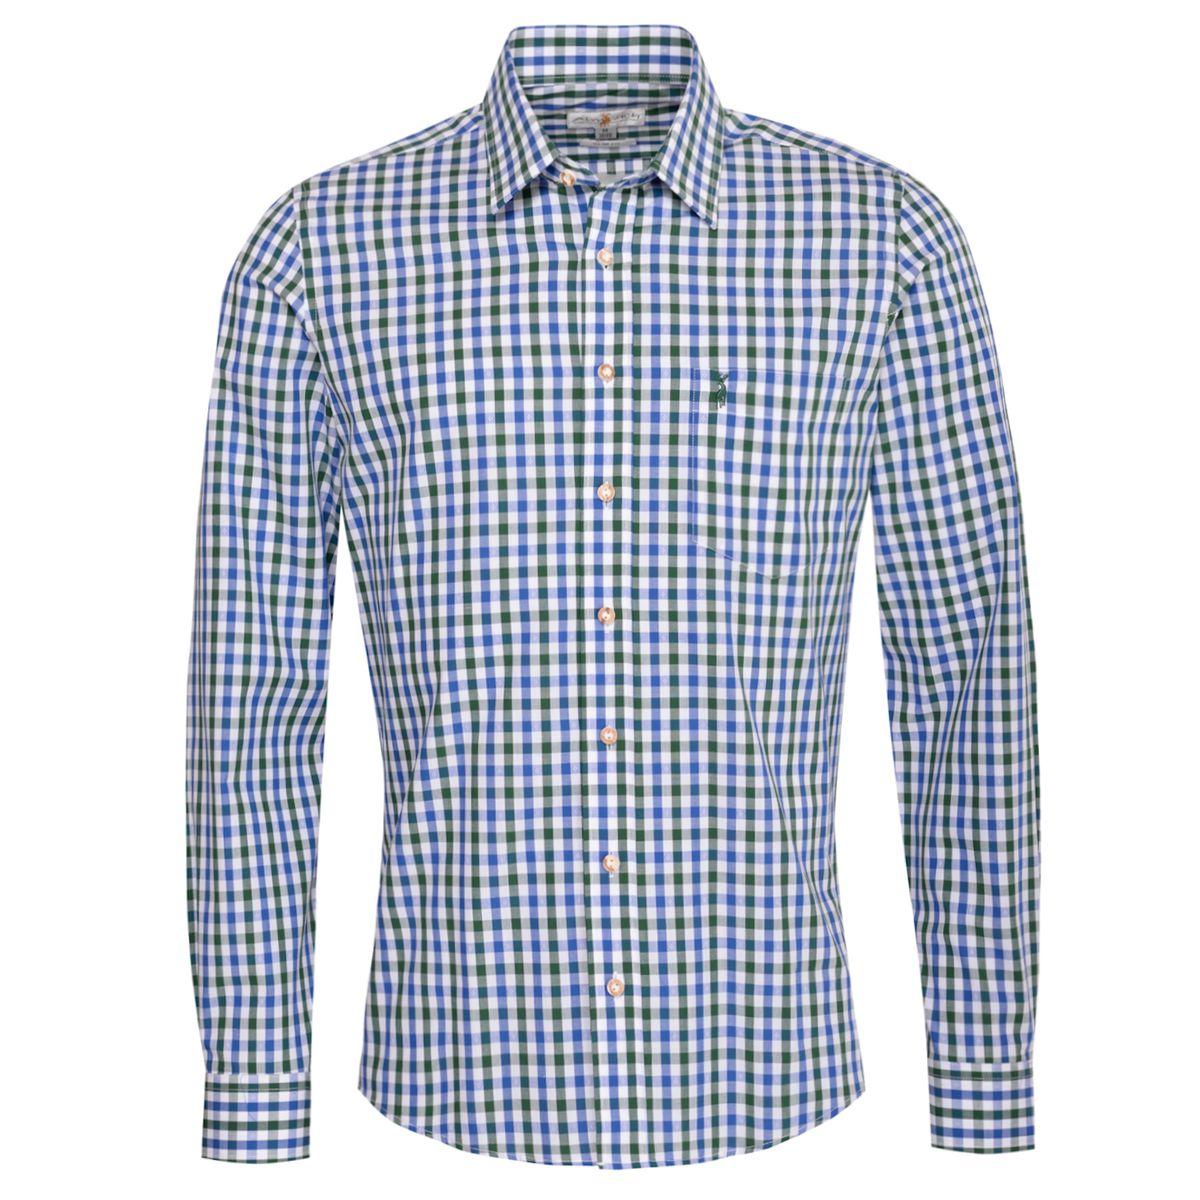 Trachtenhemd Florentin Slim Fit zweifarbig in Blau und Dunkelgrün von Almsach günstig online kaufen